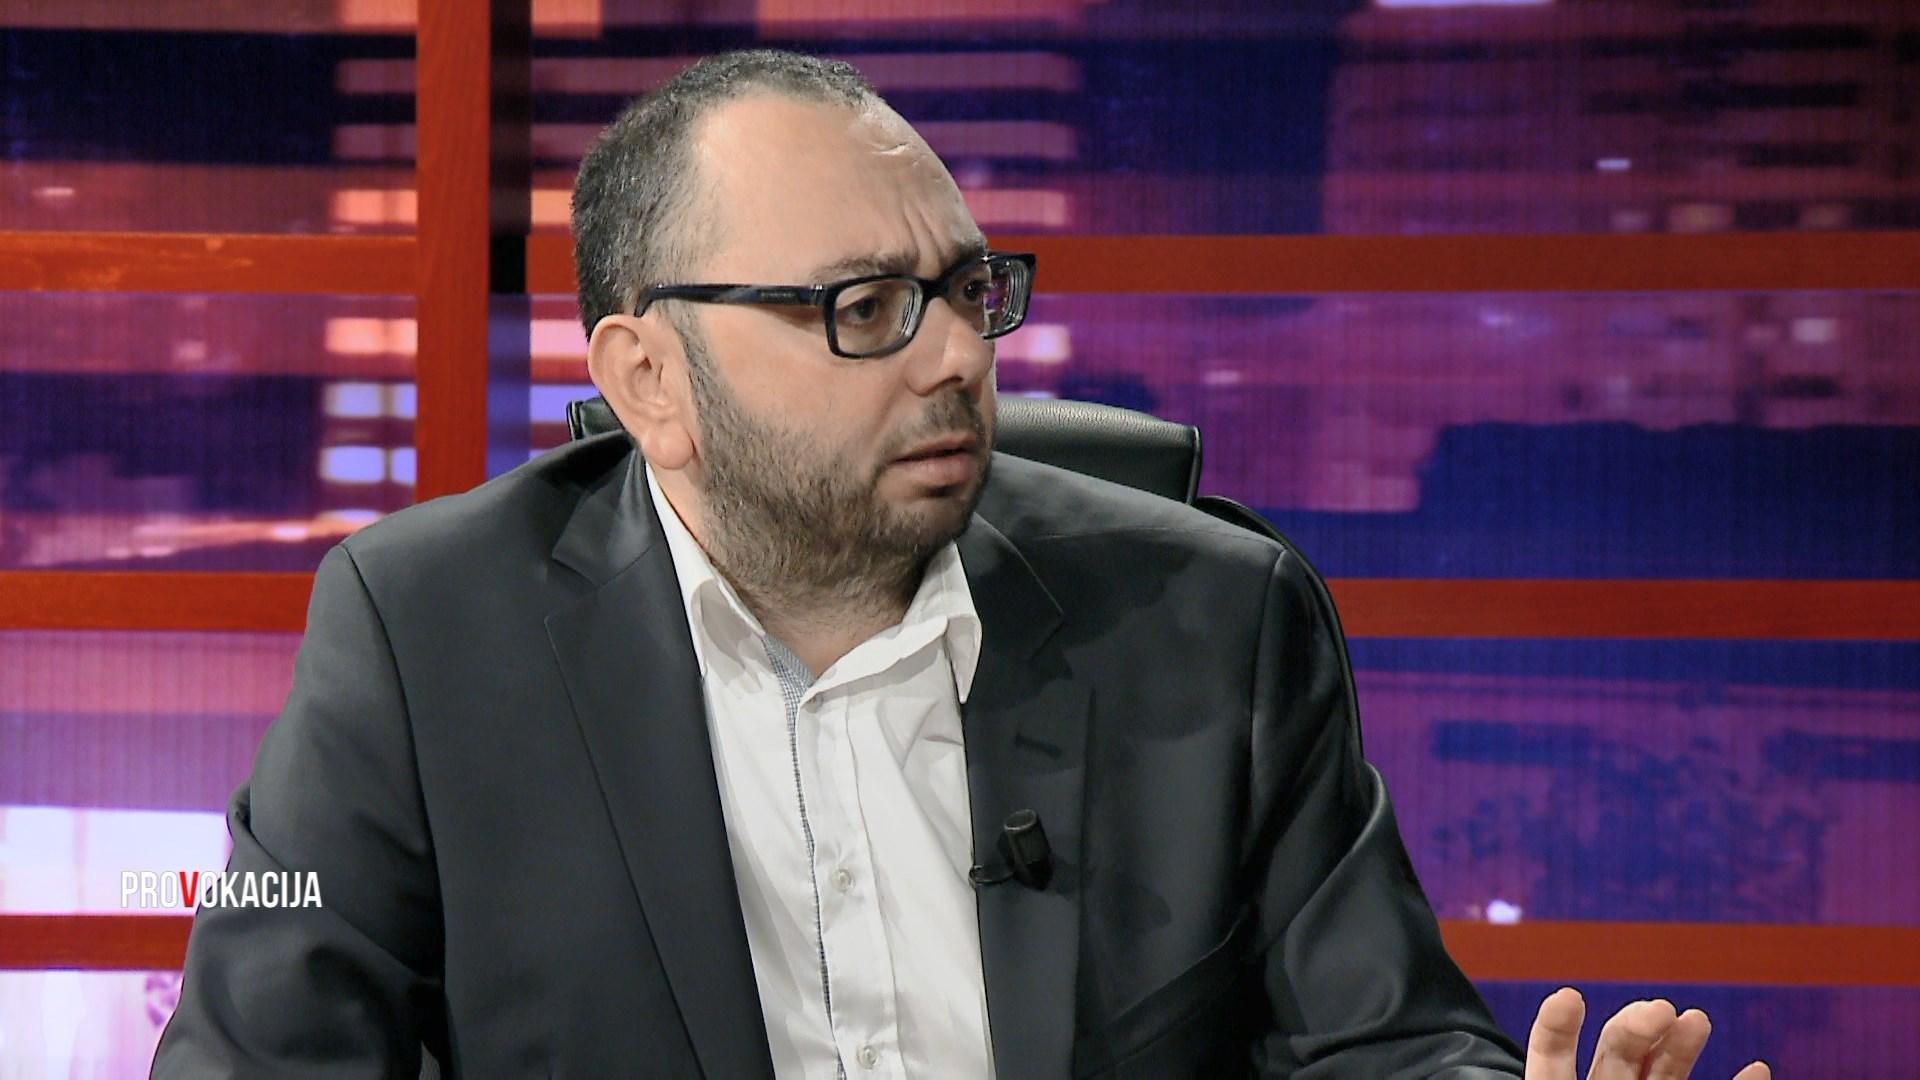 Erion Kristo në Provokacija: Bulizmi është sjellje kombëtare